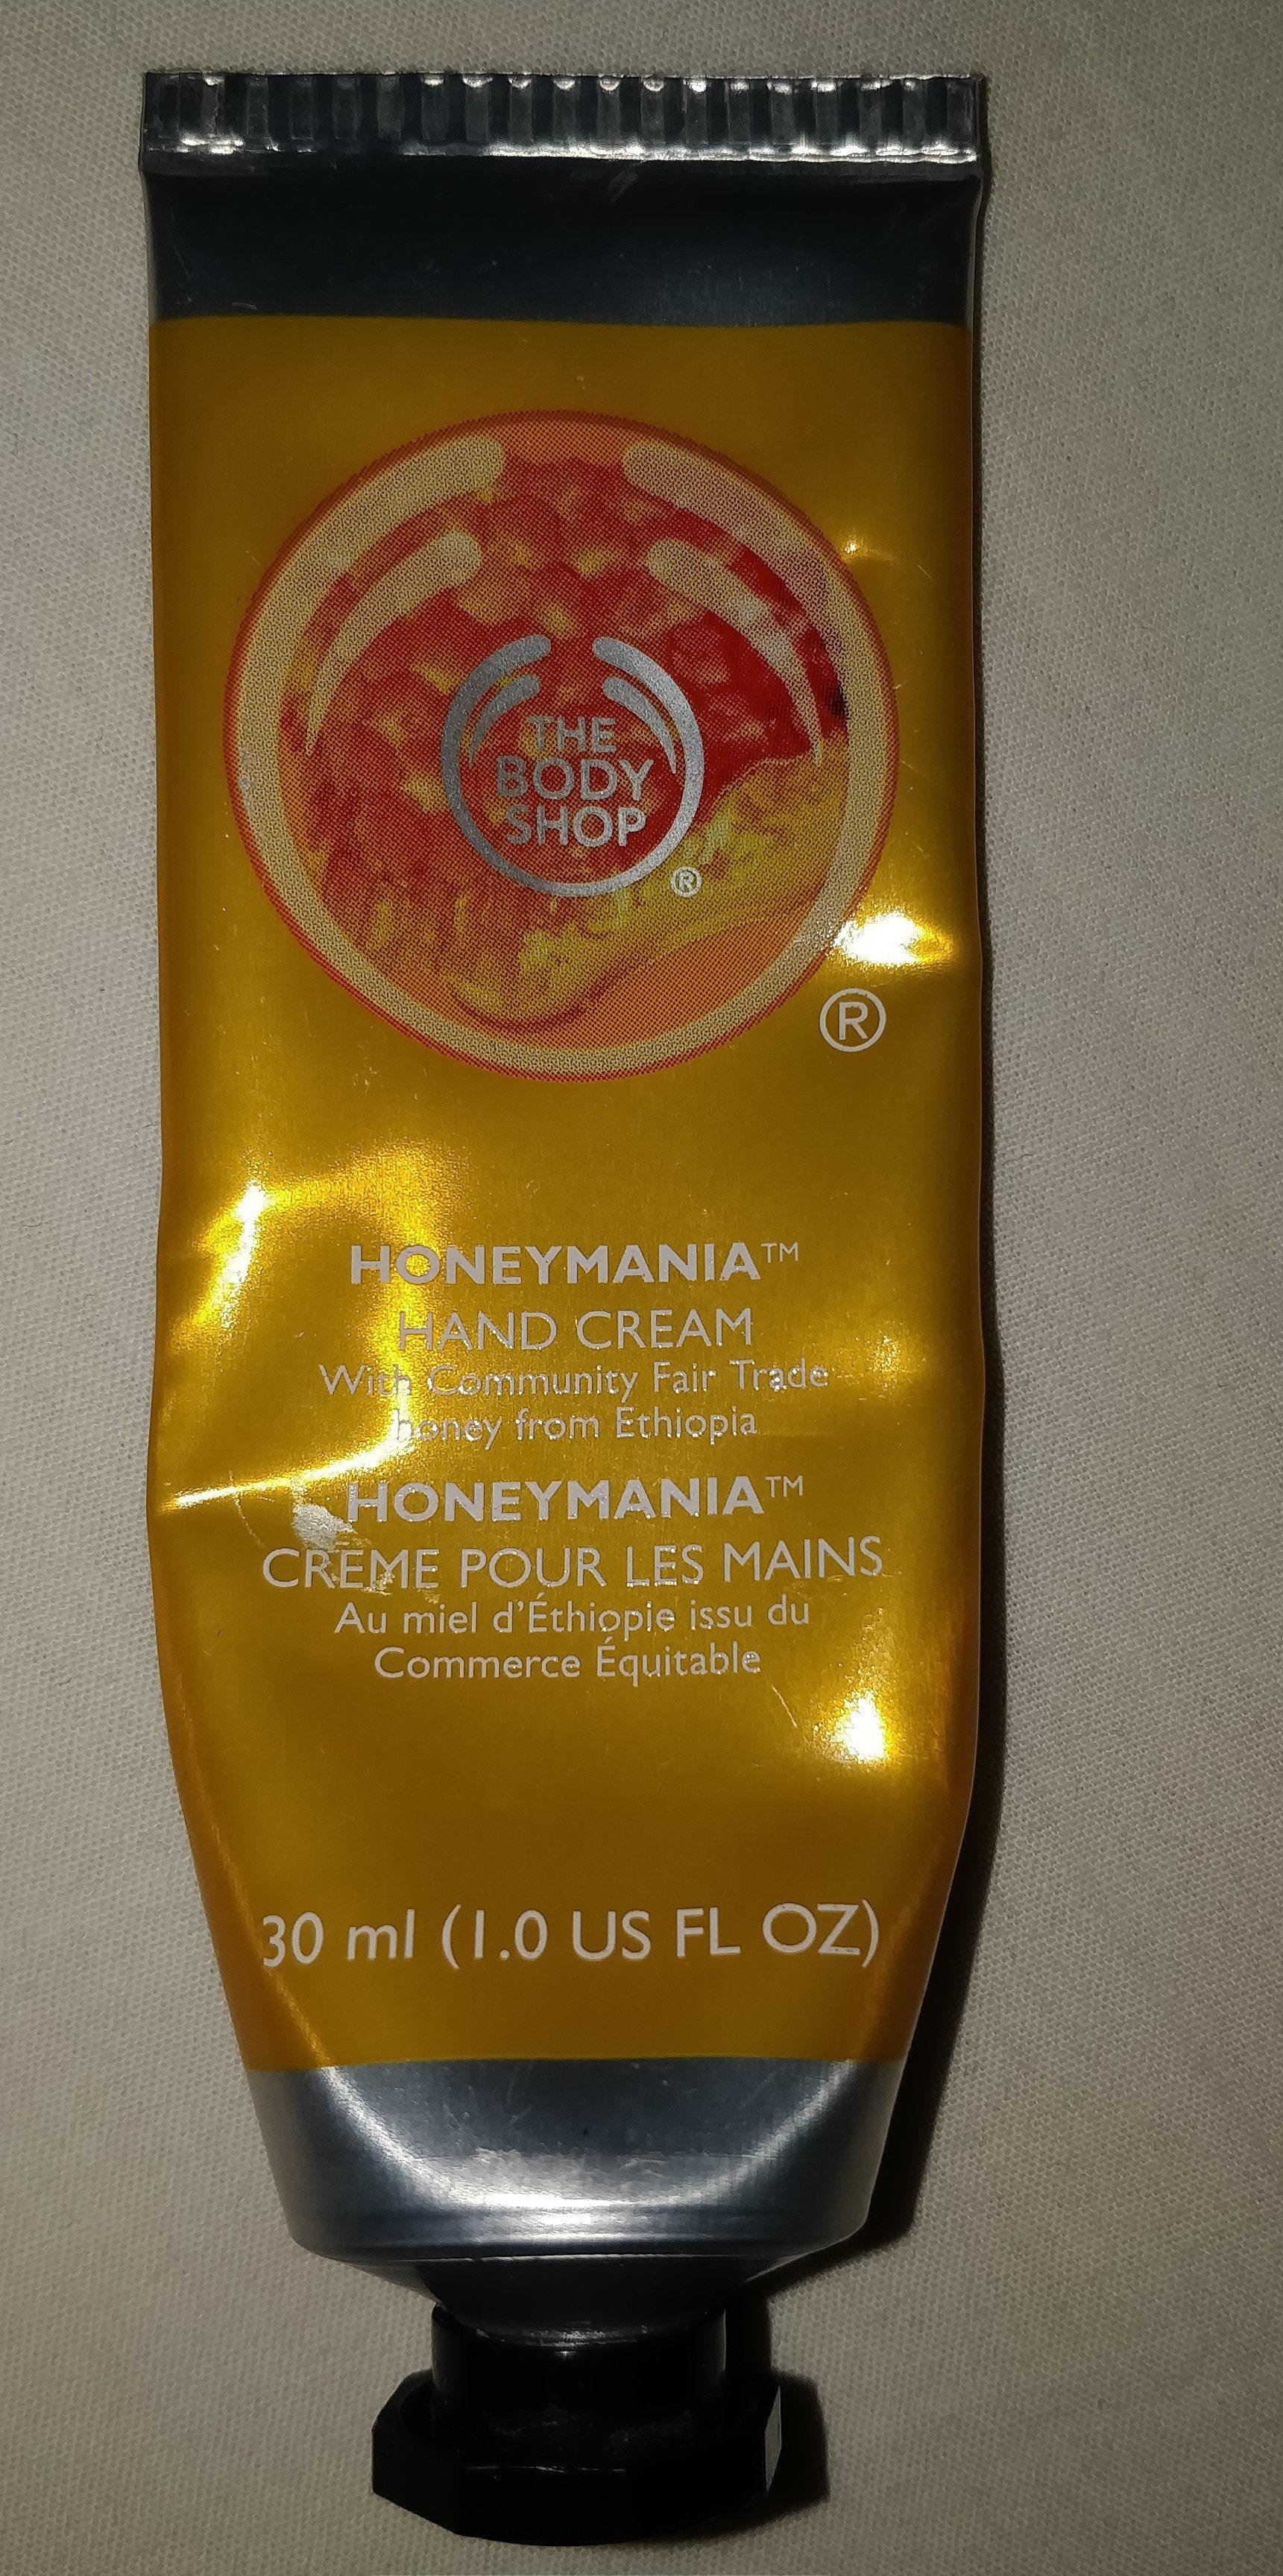 Honeymania crème pour les mains - Produit - fr